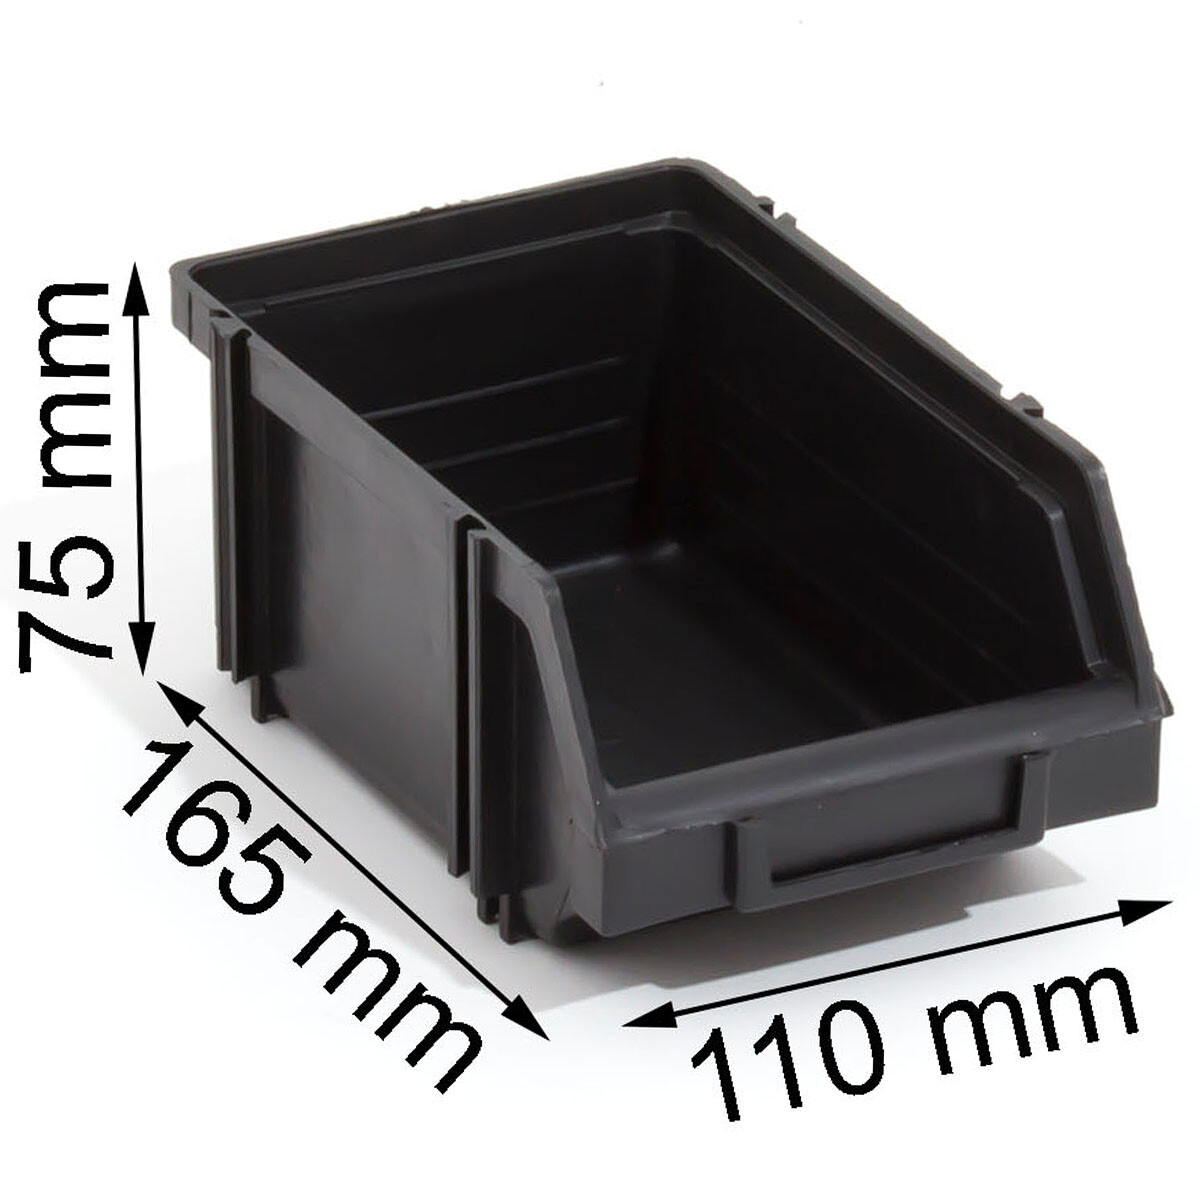 Sichtlagerkasten modular erweiterbar Stapelboxen 1 Liter Schwarz Regalkisten